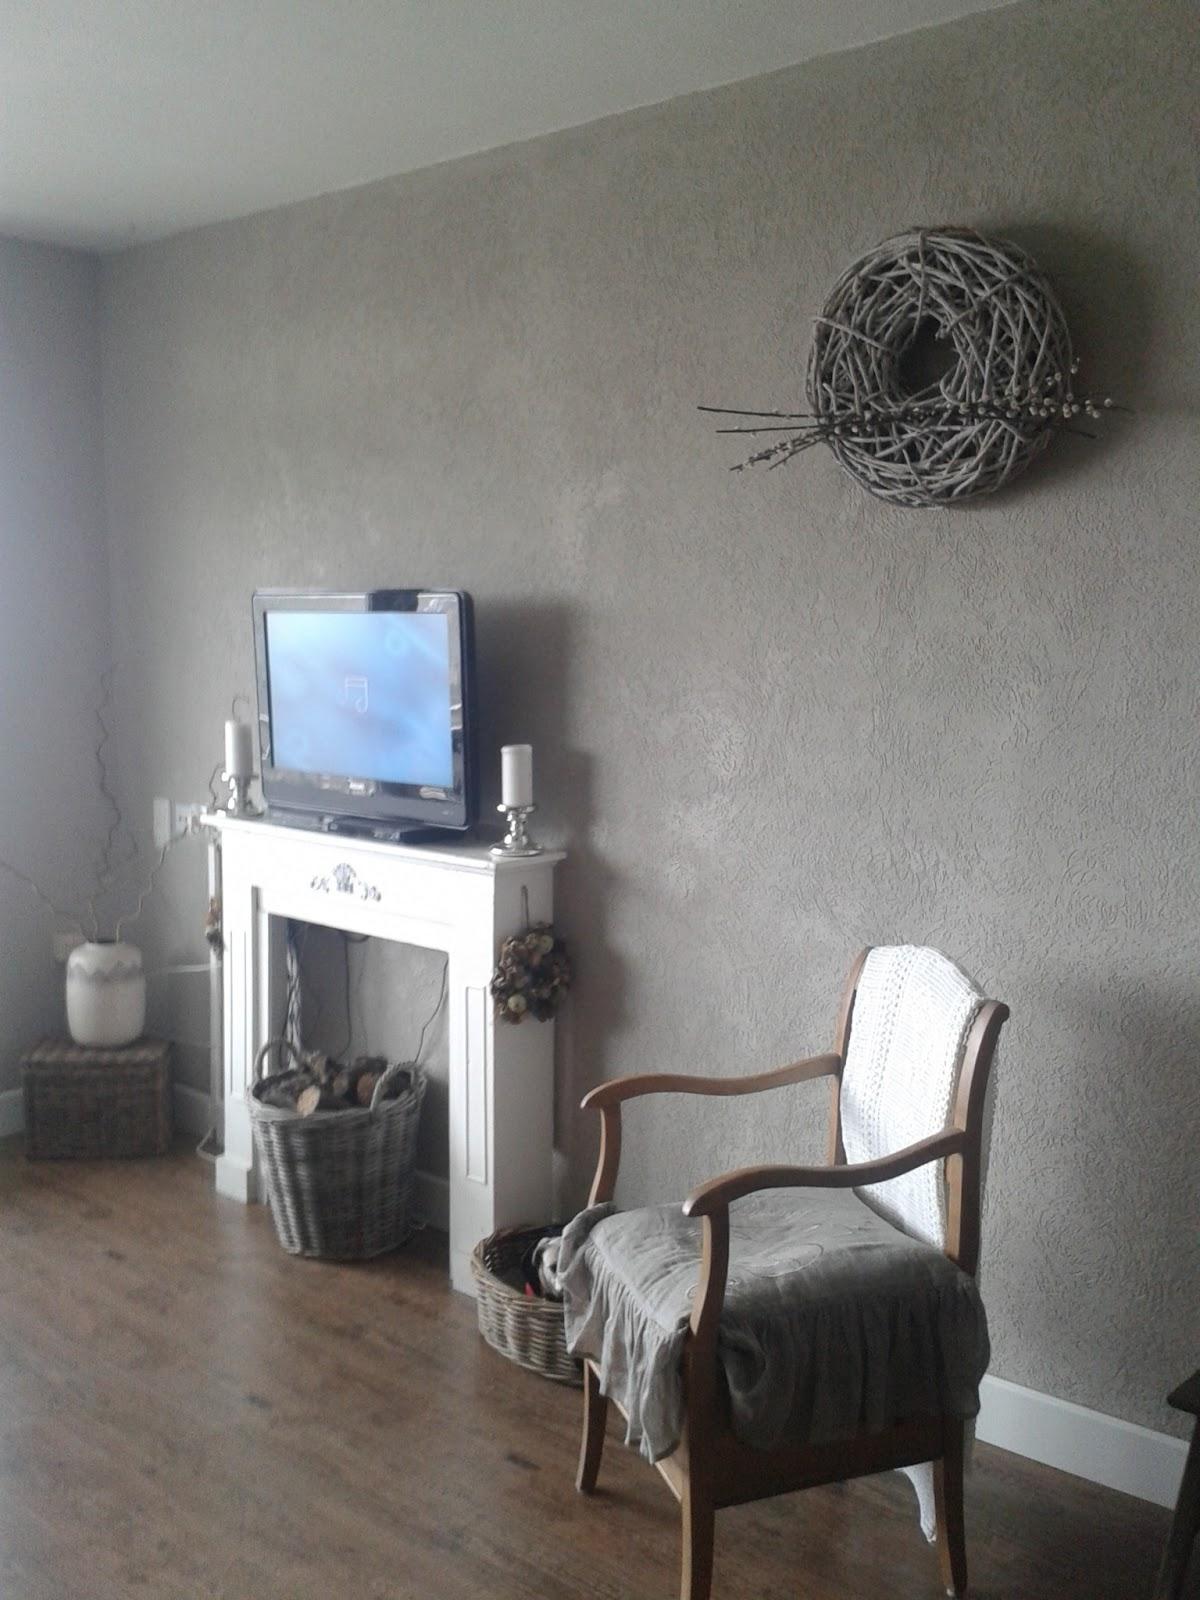 Notti 39 s life huiskamer for Kleuren huiskamer